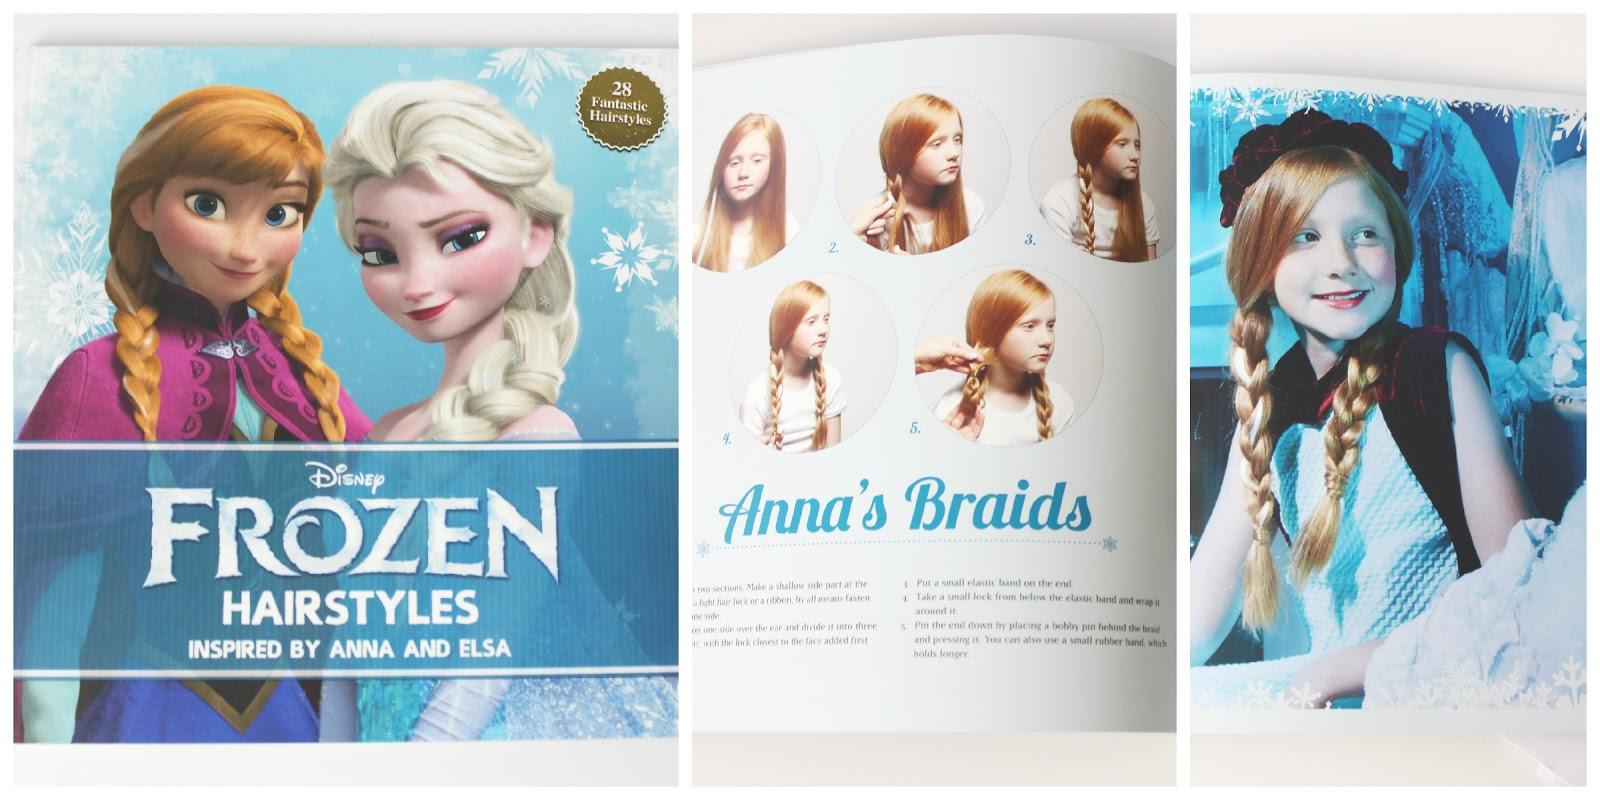 La Reine des Neiges - Page 3 Frozen%2Bhairstyles%2Bbook%2Breview